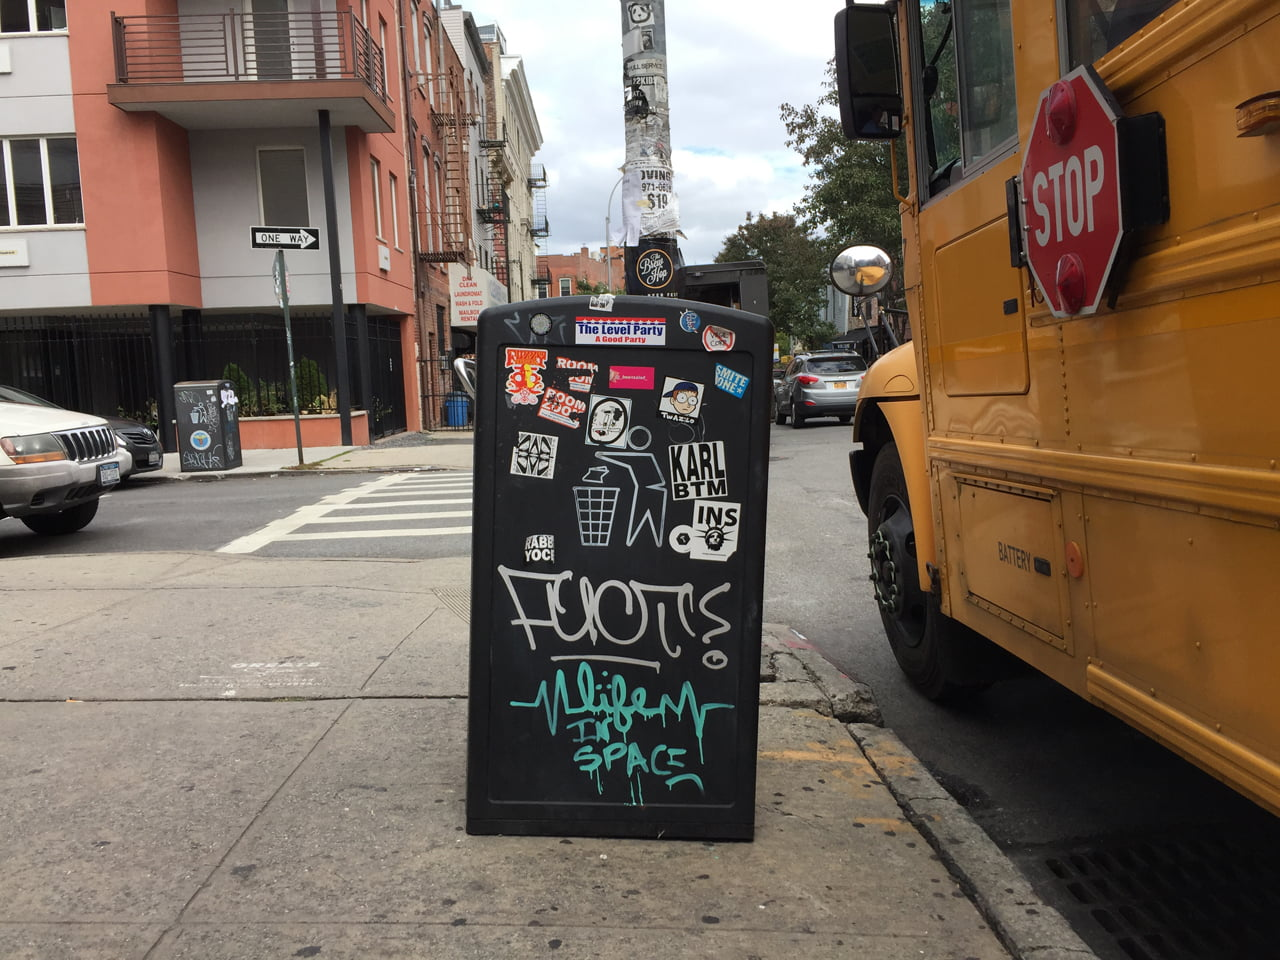 Chytré koše Bigbelly v ulicích New Yorku